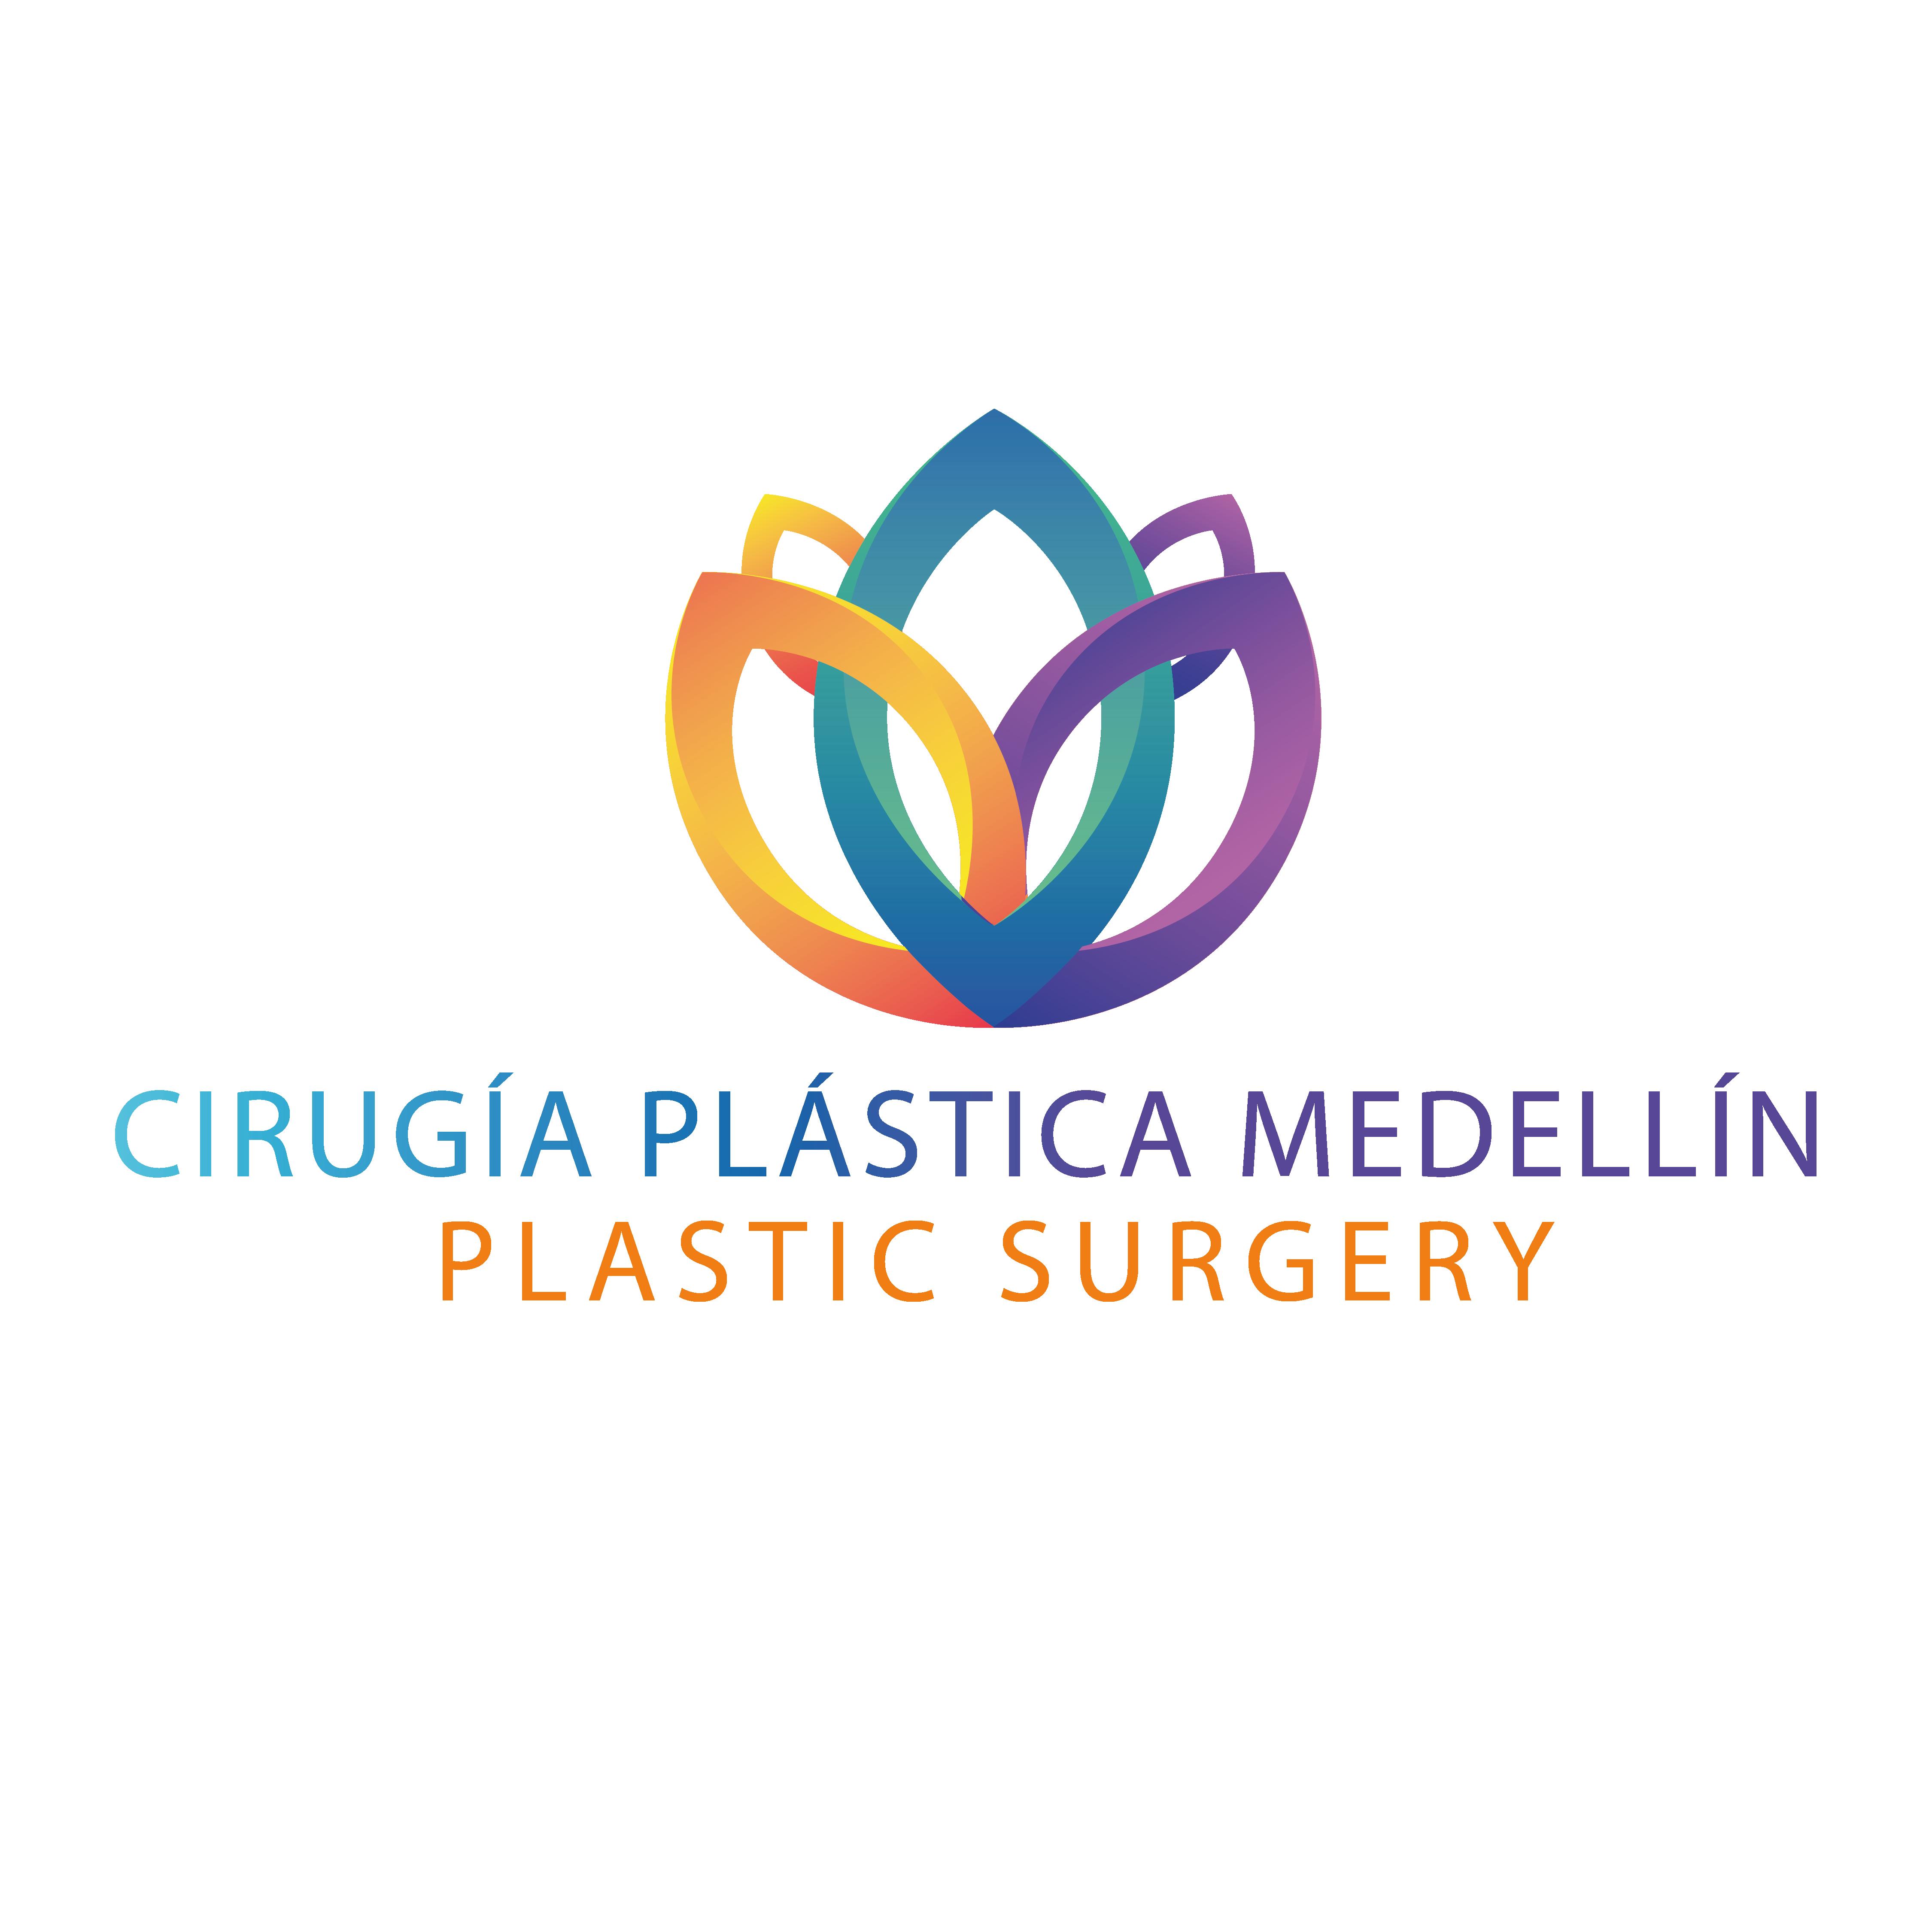 Cirugia Plastica Medellin – Cirugia Plastica en Medellin Colombia y financiacion de cirugia plastica